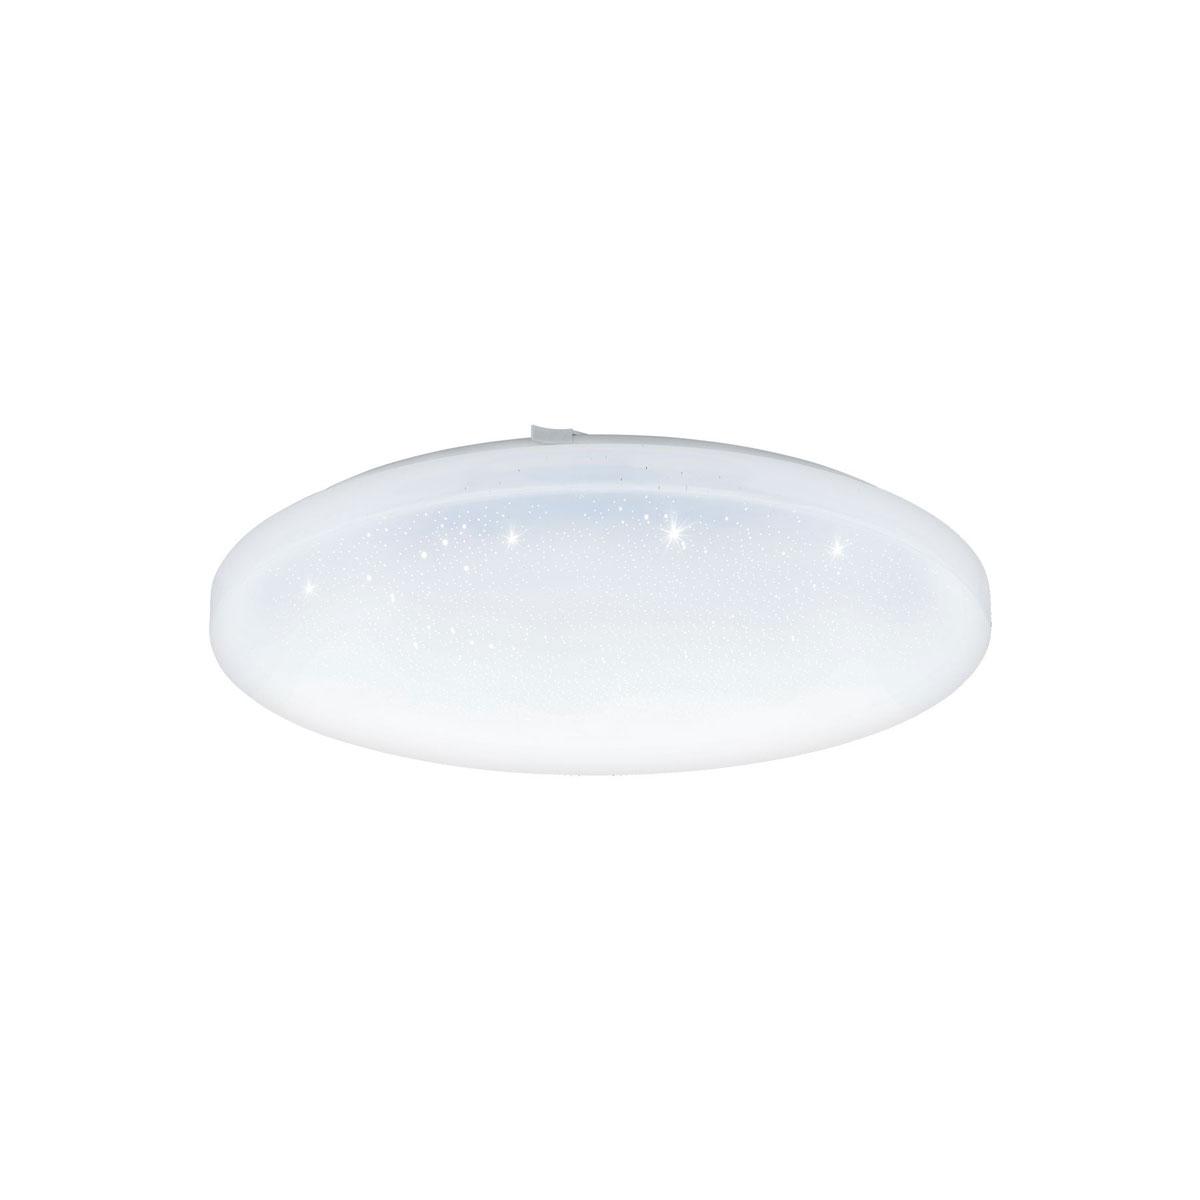 """Deckenleuchten - LED Deckenleuchte """"Frania S"""", Ø43cm, weiß Ø 43 cm  - Onlineshop Hellweg"""